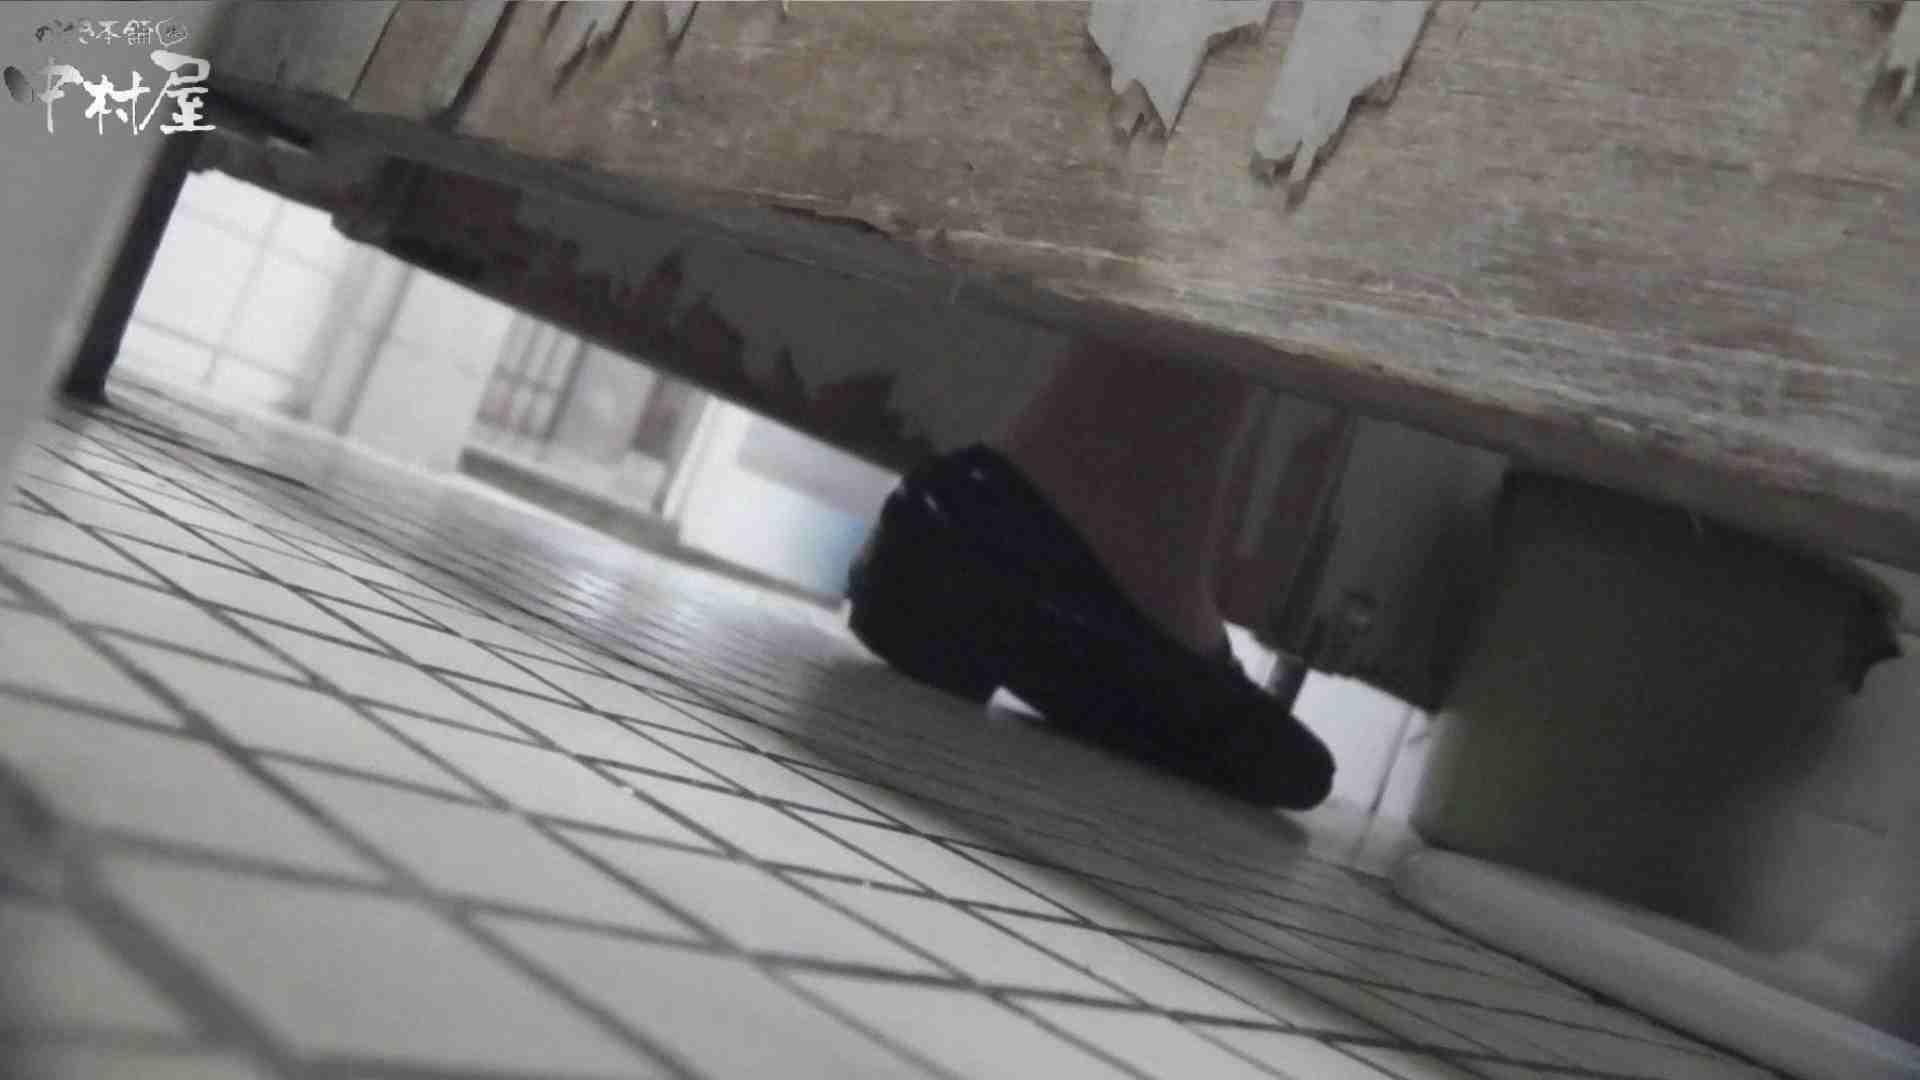 vol.42 命がけ潜伏洗面所! カカト上げながら・硬度強(太)・180g プライベート 戯れ無修正画像 79pic 29